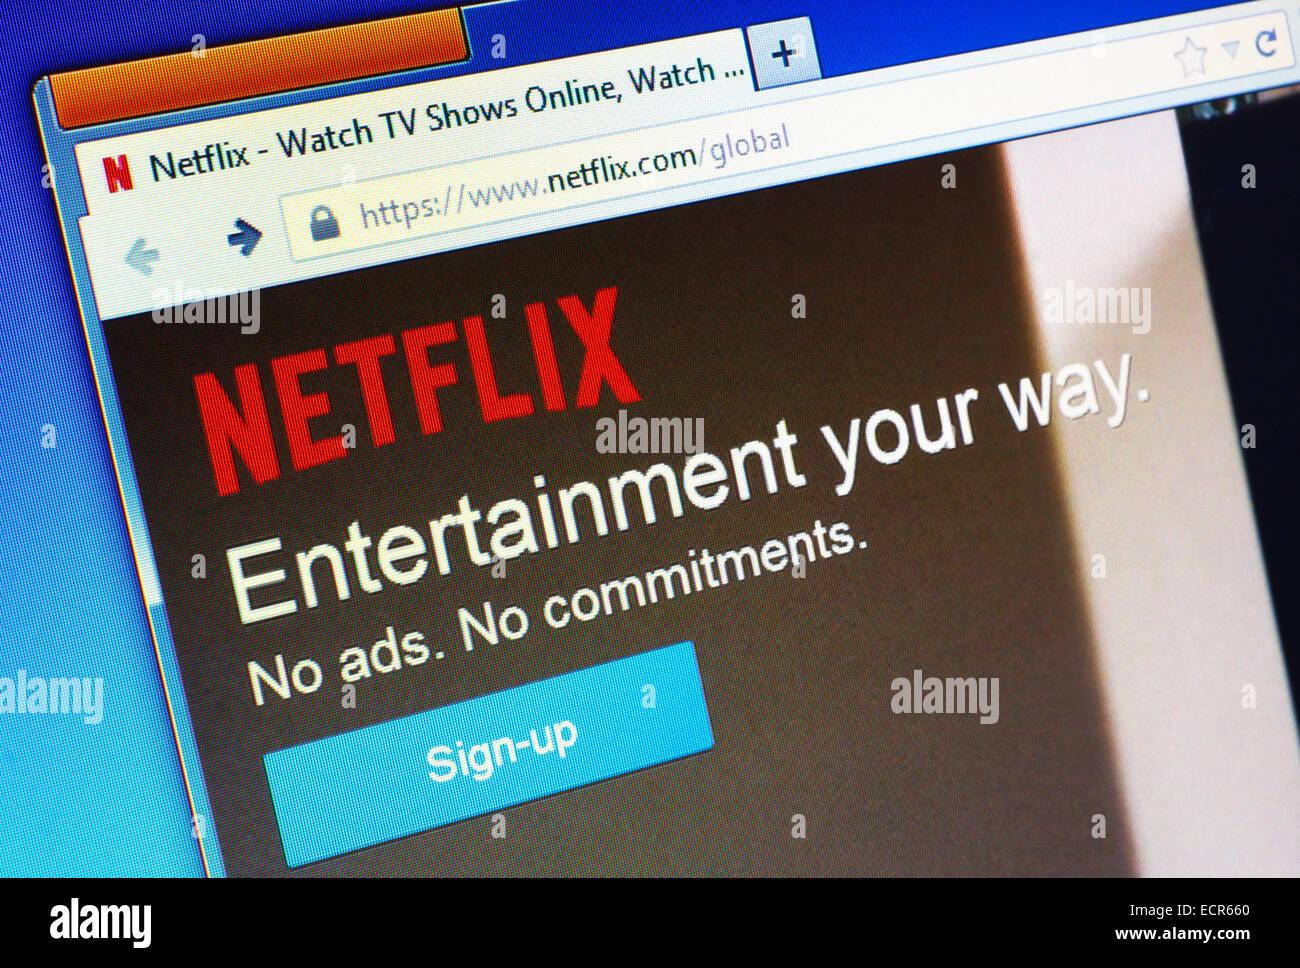 Netflix.com homepage sur l'écran de l'ordinateur. Netflix est un fournisseur de streaming à la Photo Stock